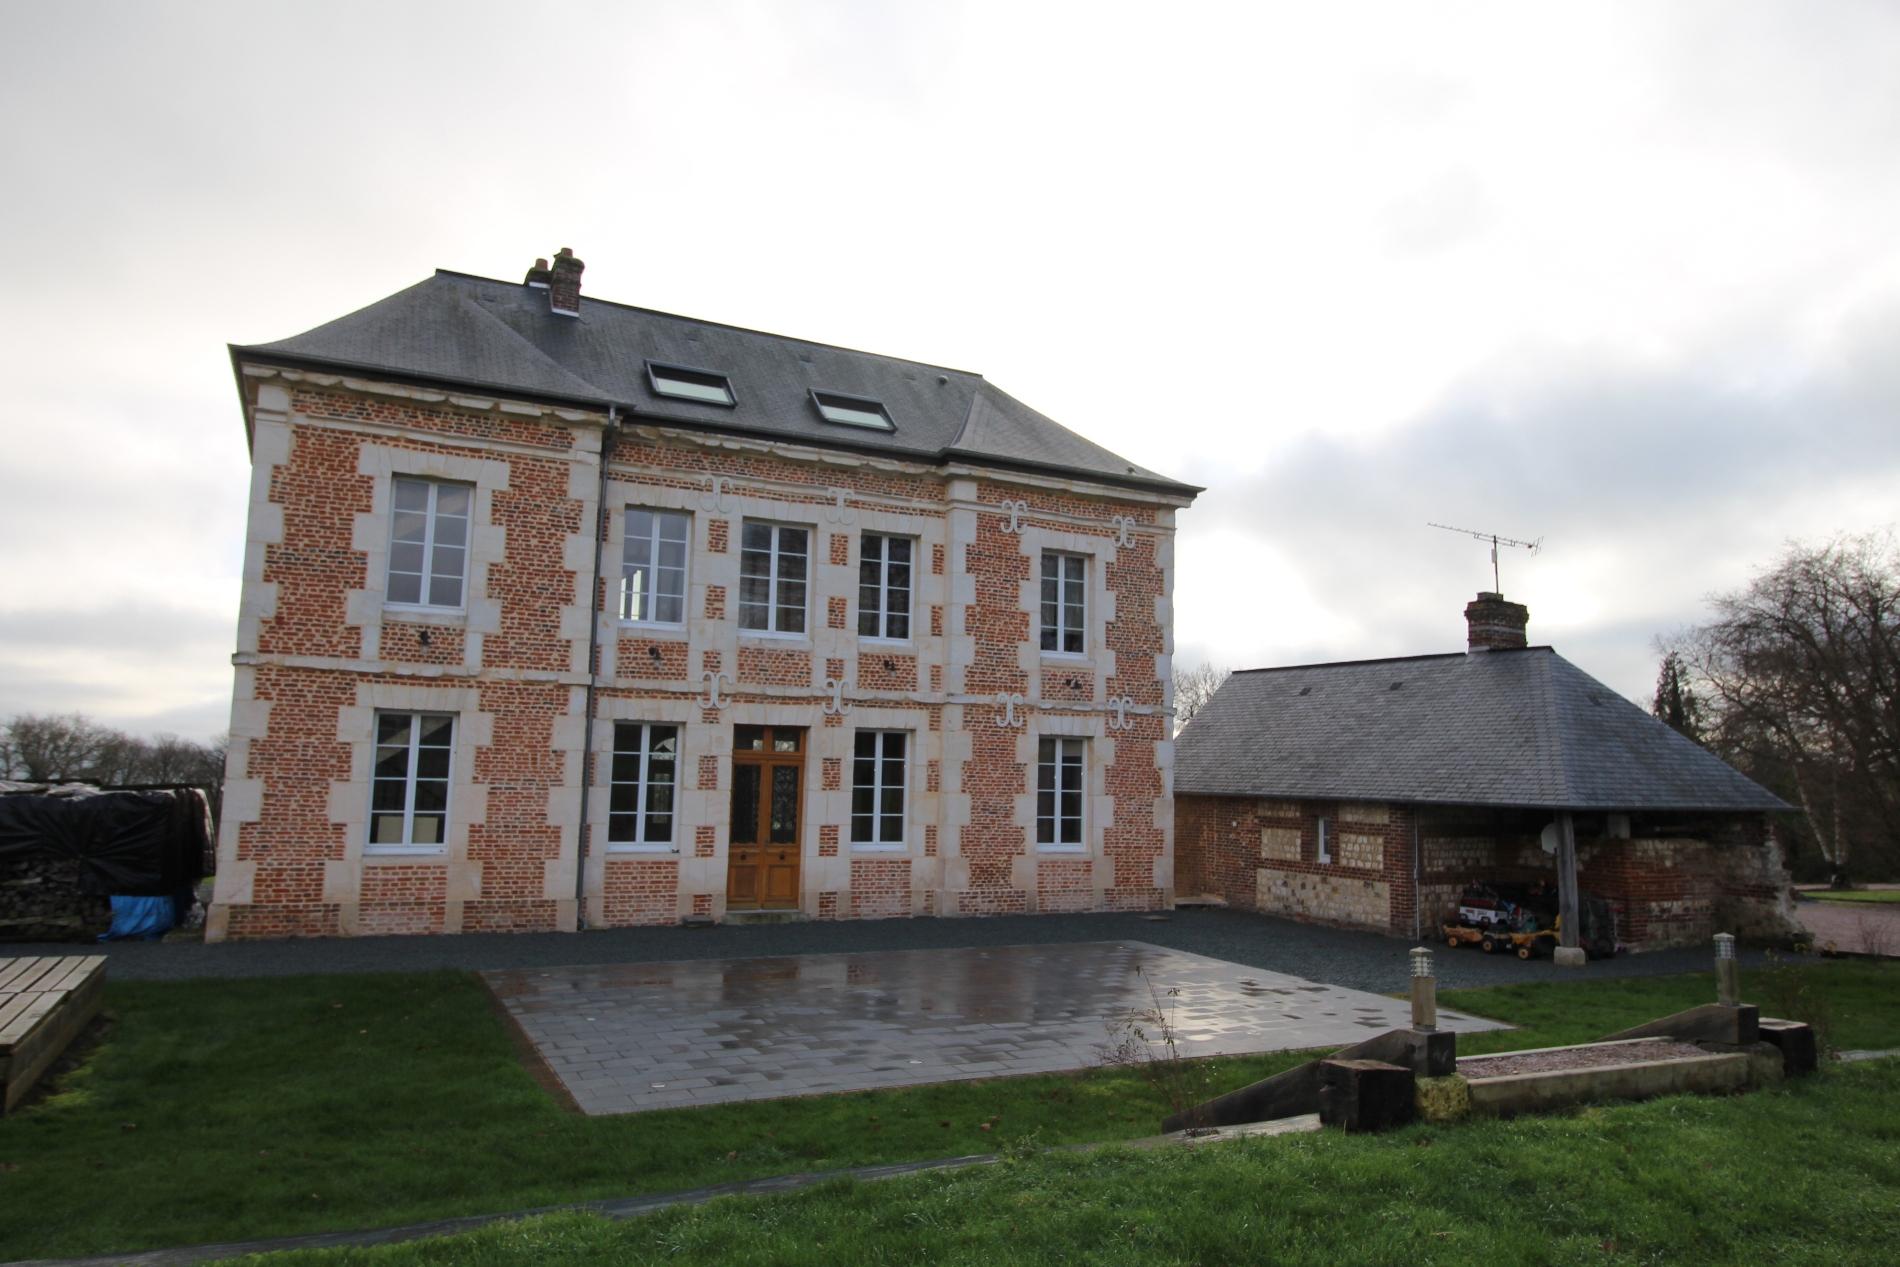 Vente d\'une maison ancienne en briques et pierres Campagne de ...